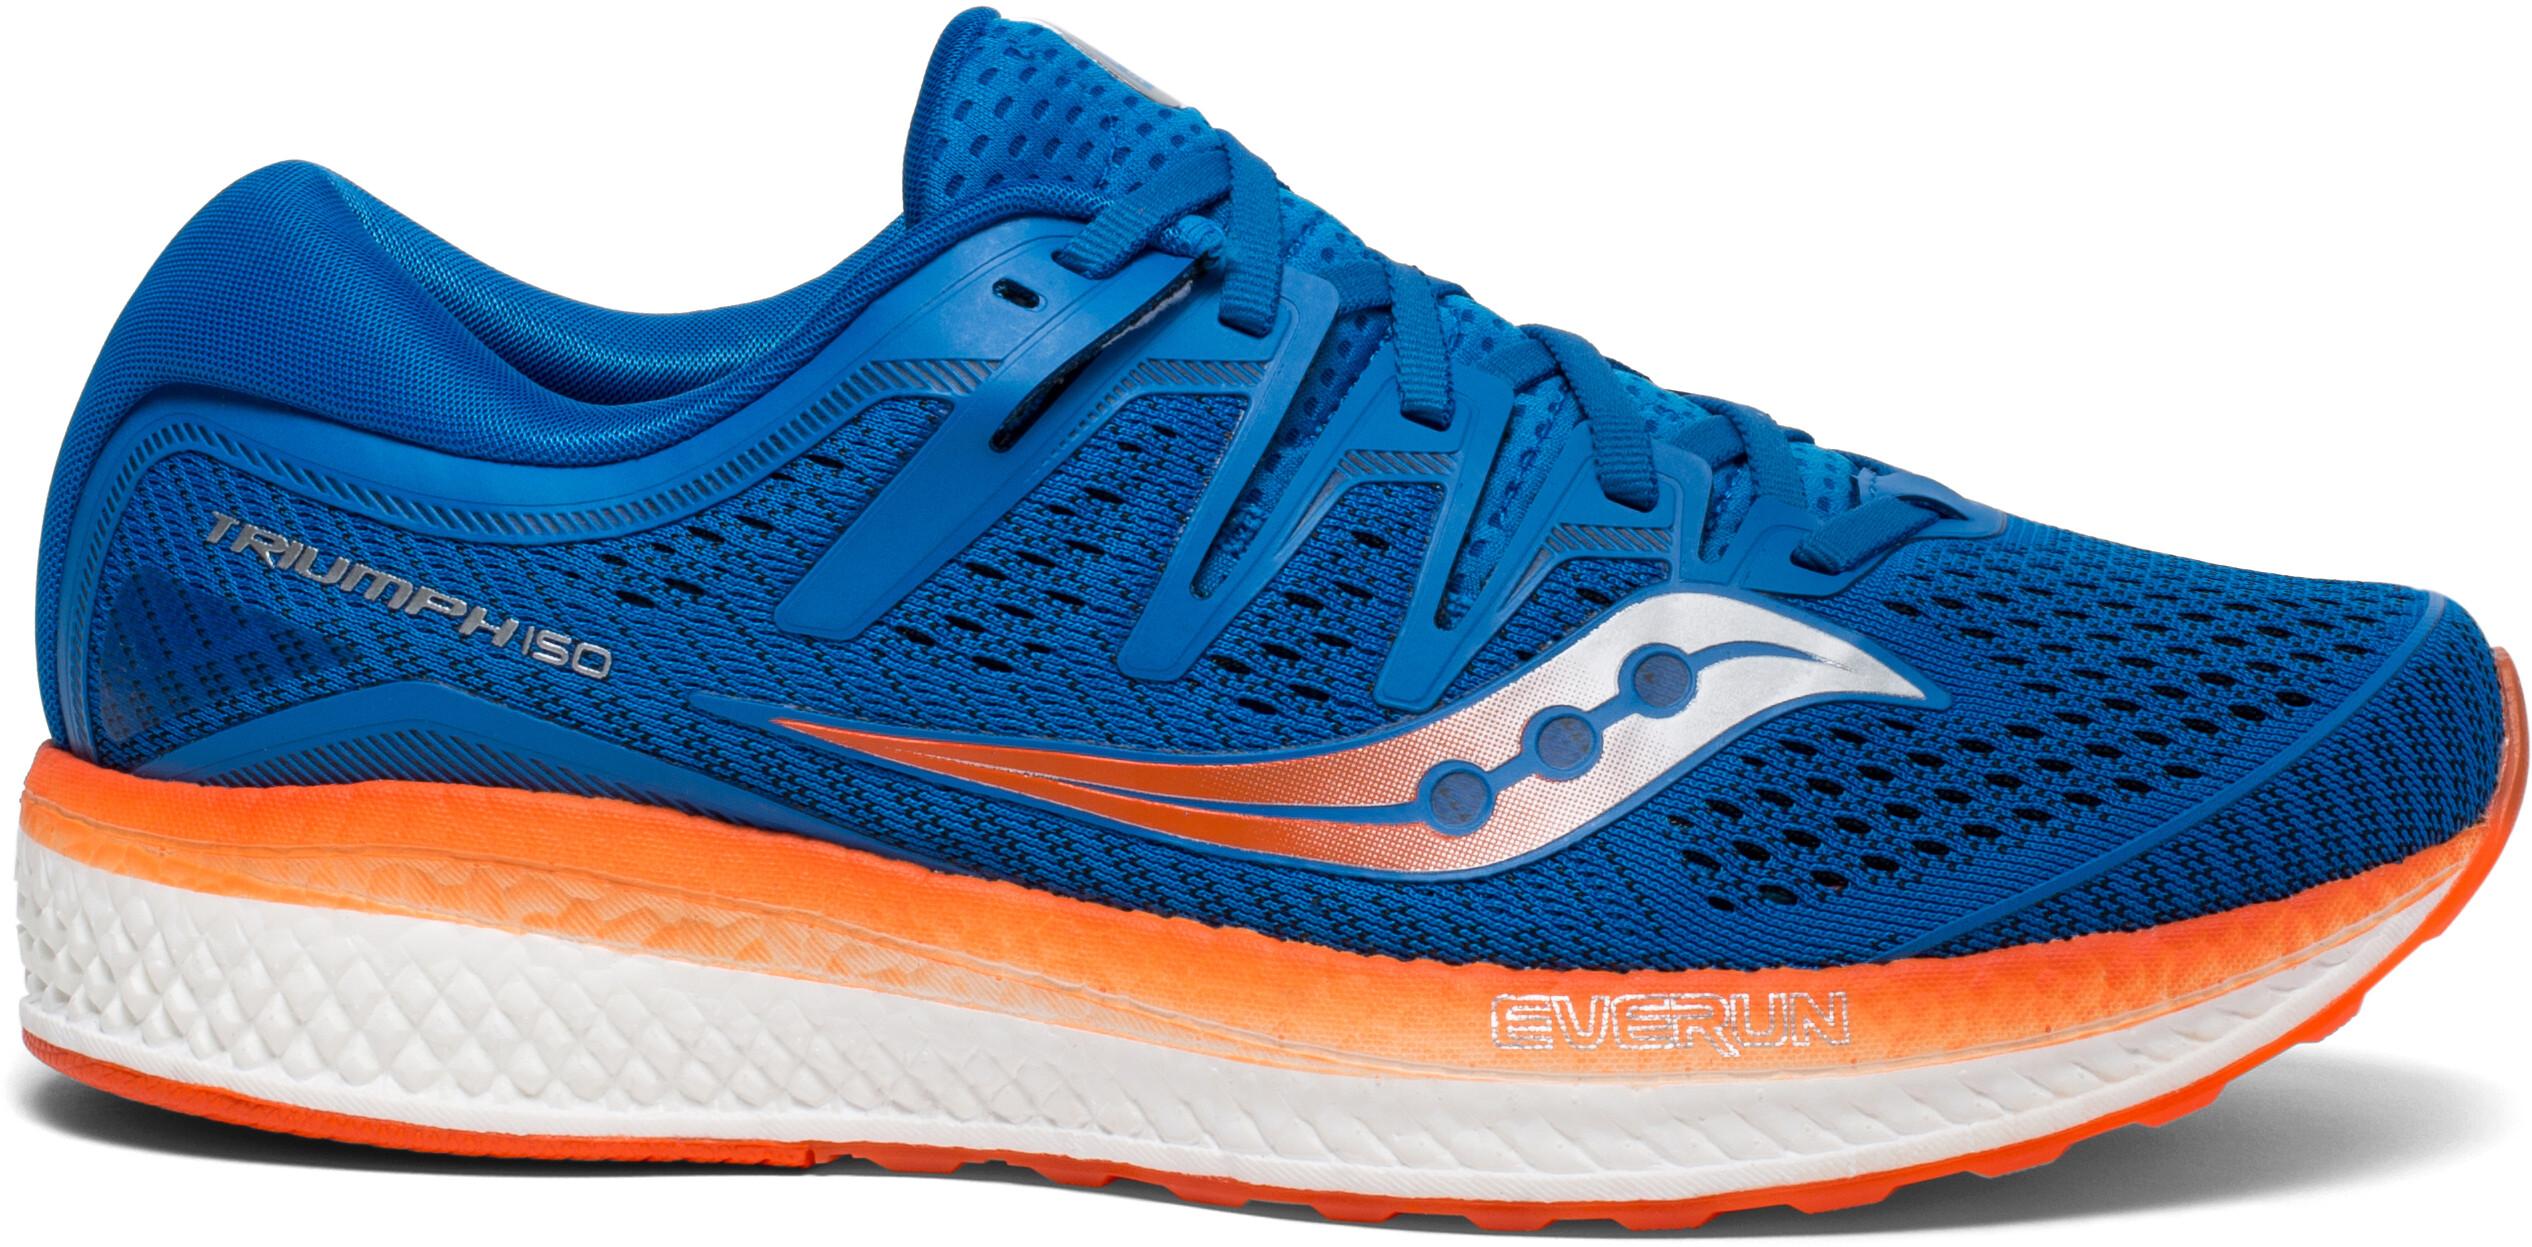 saucony Triumph ISO 5 scarpe da corsa Uomo arancione blu su Bikester cdf1a346331